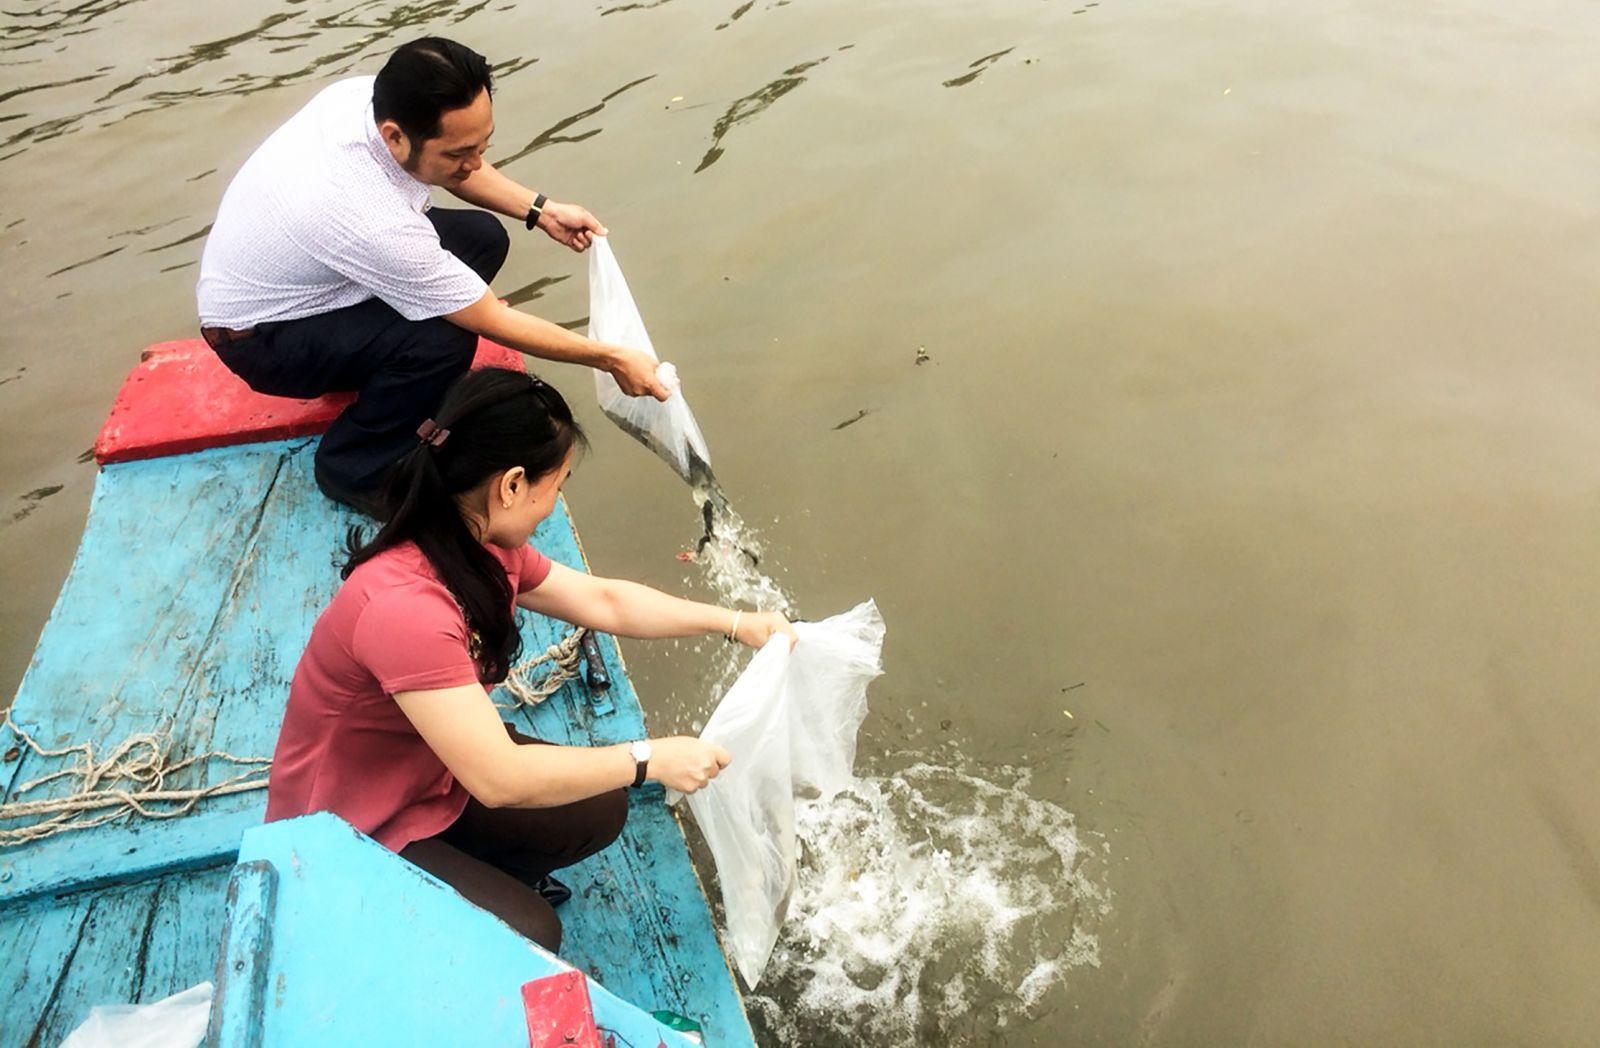 Hoạt động thả cá tại quận Bình Thủy. Ảnh: T. TRINH